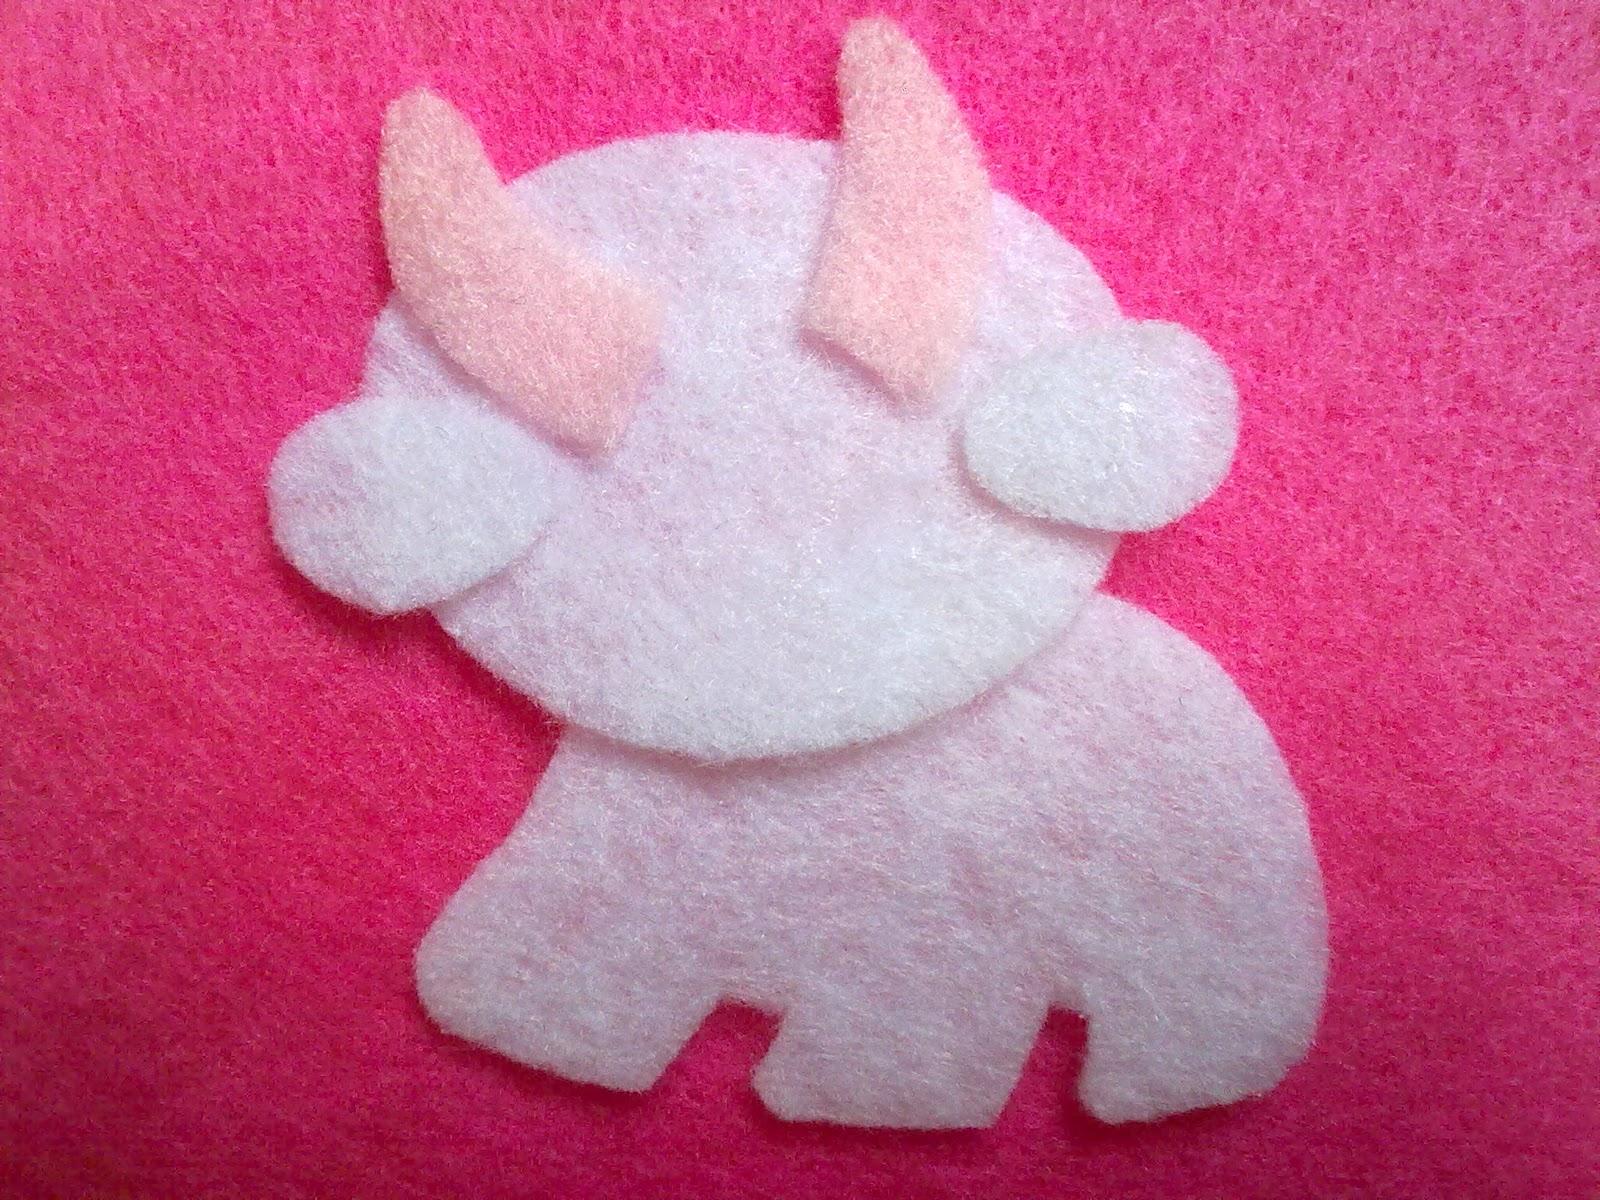 Berikan lem pada bagian tubuh cow seperti badan,wajah,telinga